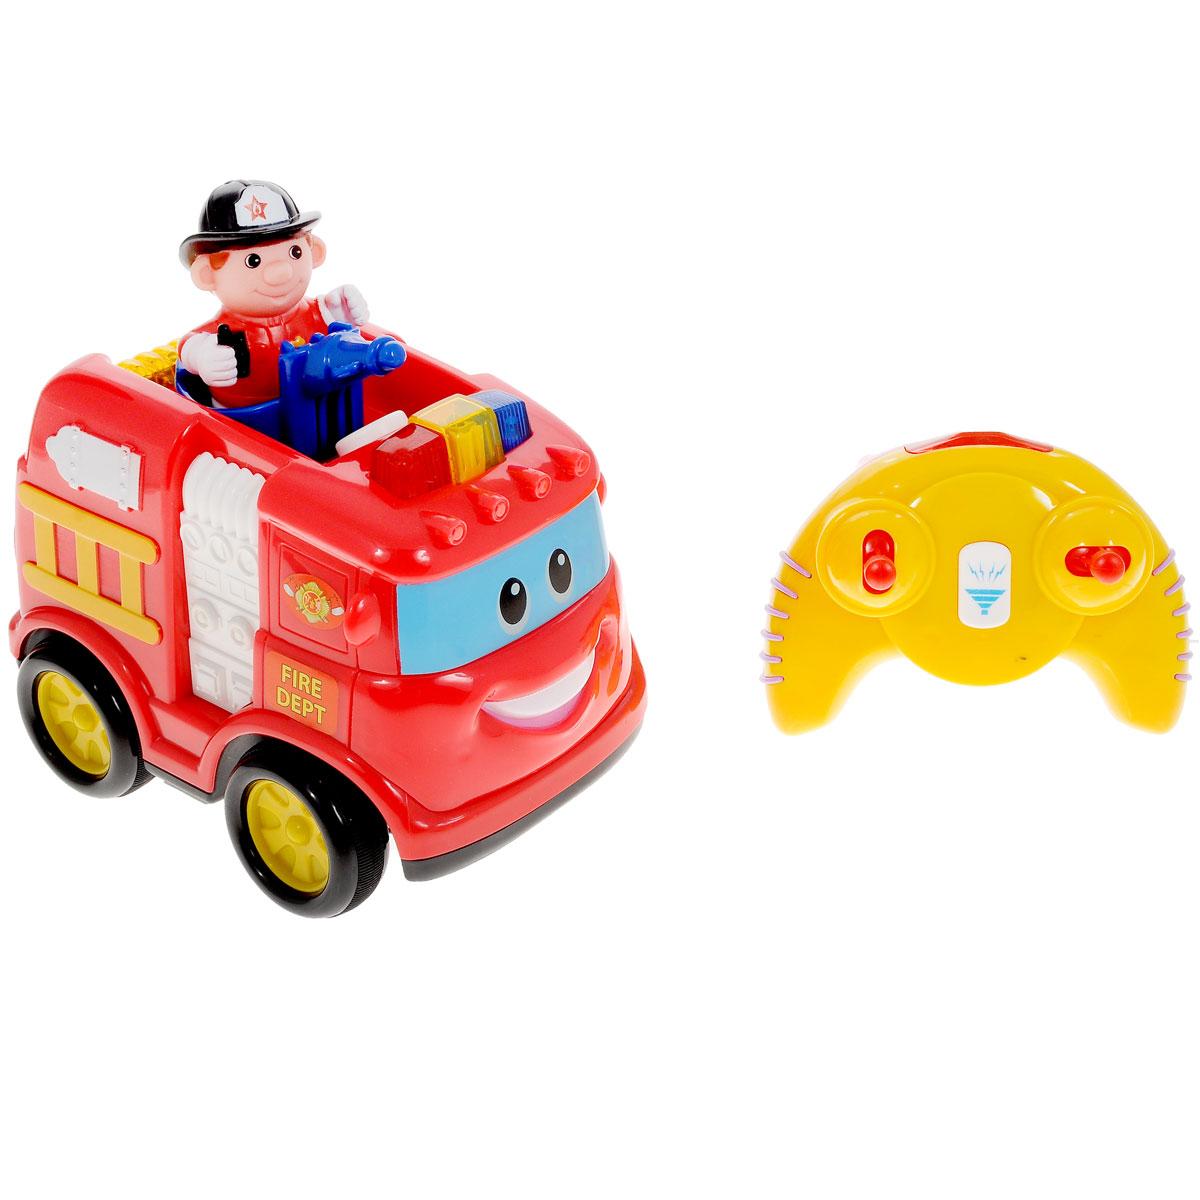 Kiddieland Развивающая игрушка Пожарная машина. KID 042929KID 042929Развивающая игрушка Kiddieland Пожарная машина обязательно понравится малышу. Эта яркая забавная игрушка на пульте дистанционного управления привлечет внимание любого мальчишки, ведь она издает разные звуки и мигает огоньками, двигается вперед, назад, влево и вправо. На кабине машины есть несколько кнопок, нажимая которые можно услышать рев мотора и пожарную сирену. Игрушка развивает мелкую моторику, мышление, зрительное и звуковое восприятие, повышает двигательную активность малышей. Рекомендуемый возраст: от 18 месяцев. Питание: 4 батарейки типа АА, 3 батарейки типа ААА (входят в комплект).